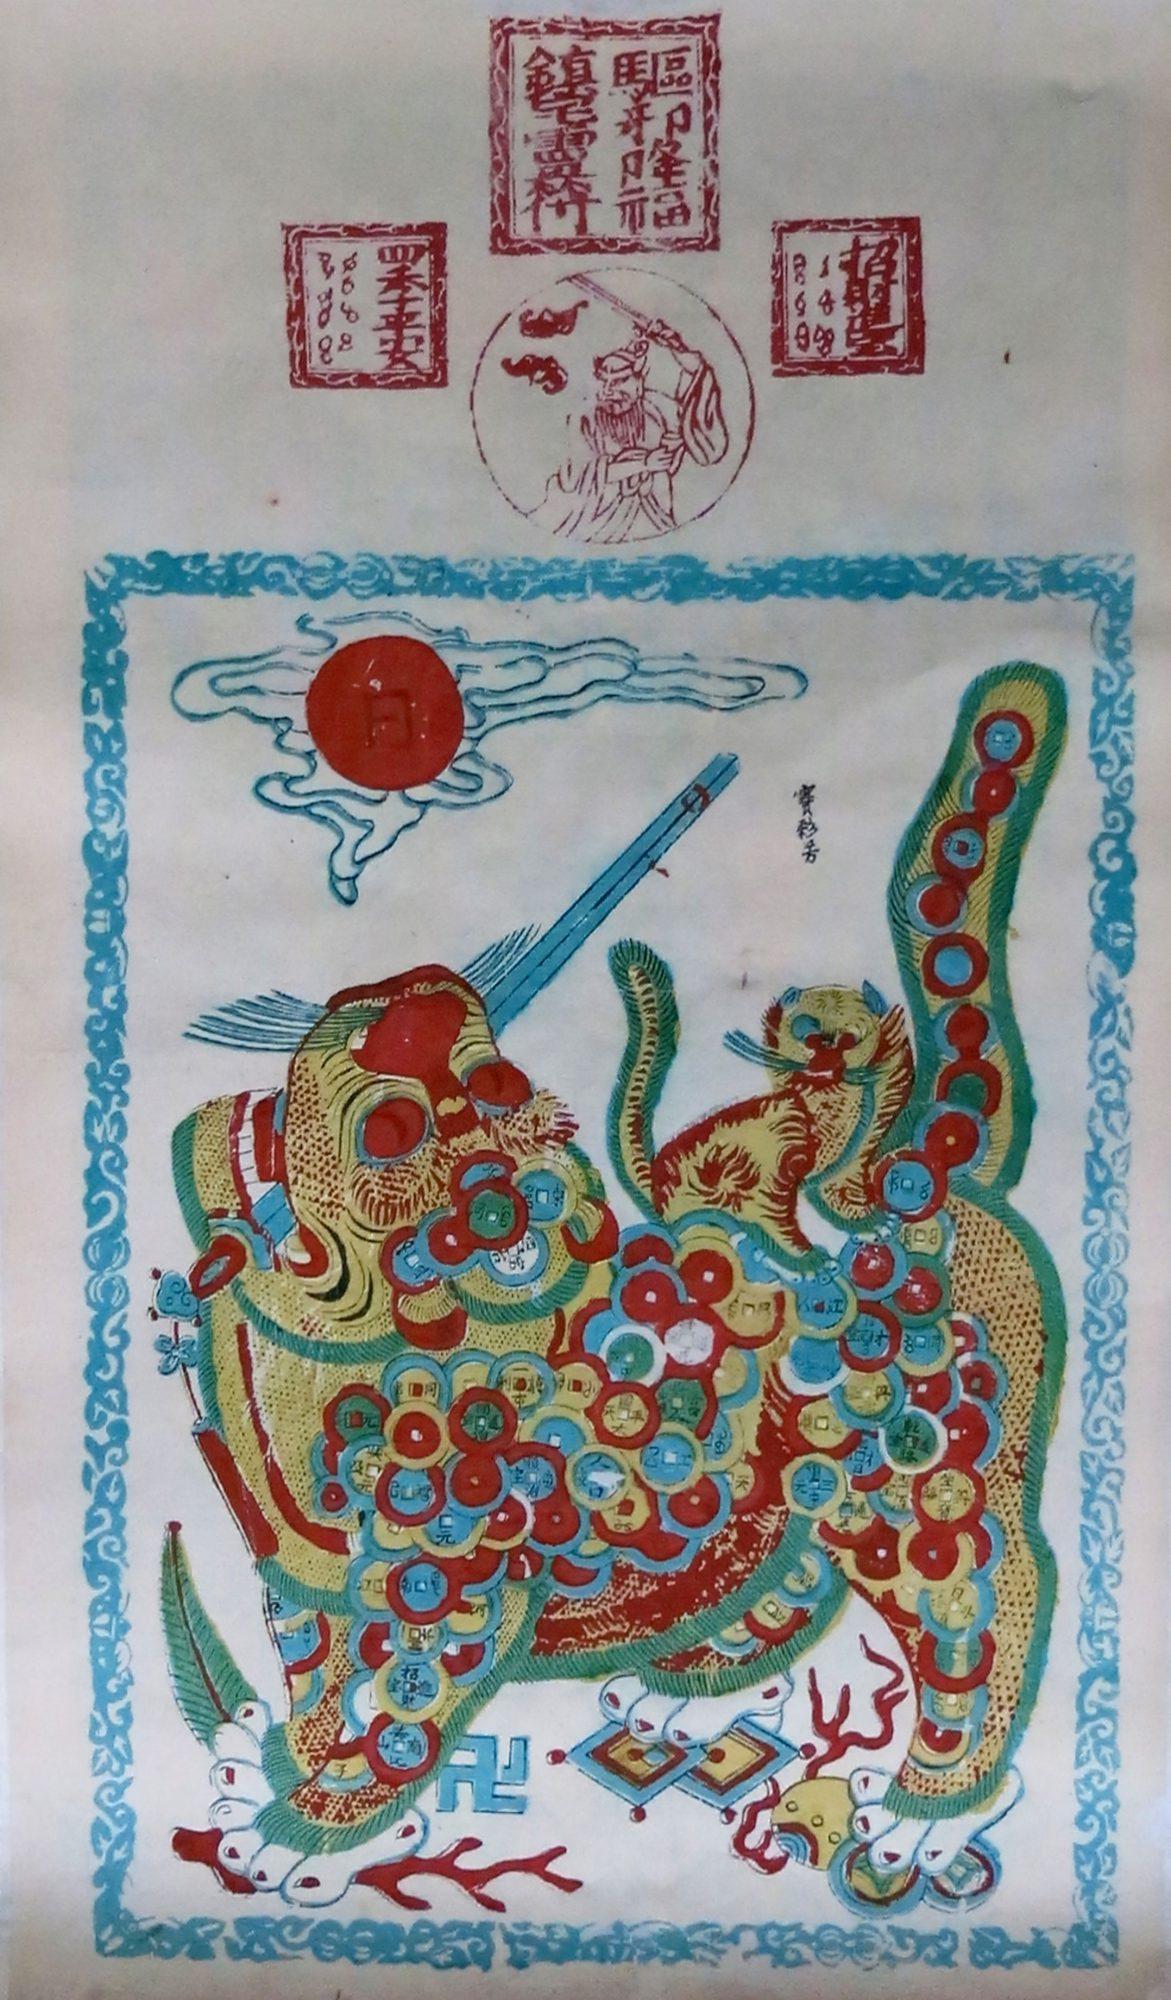 山东年画 Shandong nianhua